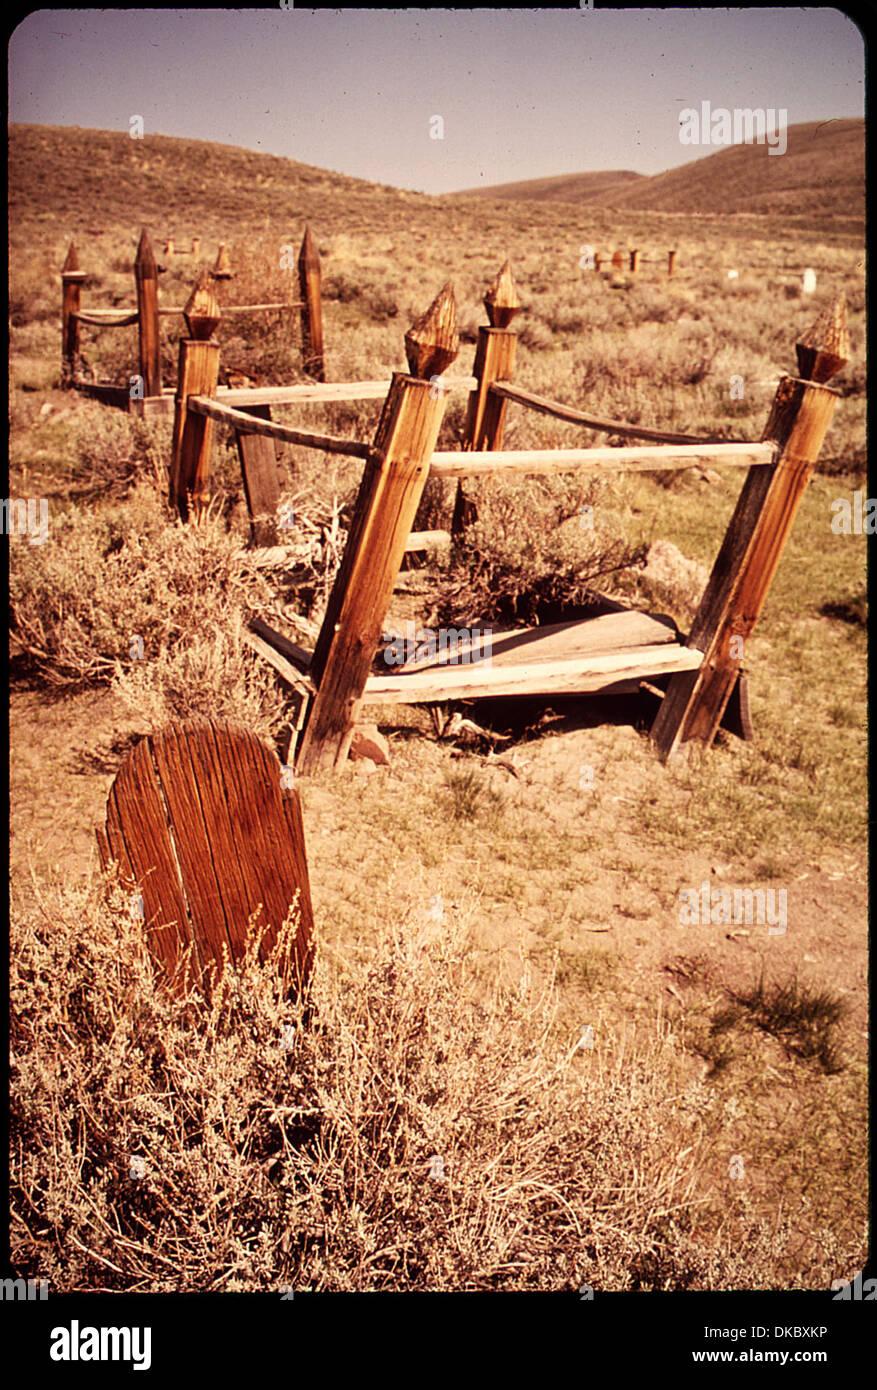 Una lapide in legno e il CIMITERO DI BODIE State Historical Park. BODIE è una delle meglio conservate città fantasma... 543122 Immagini Stock